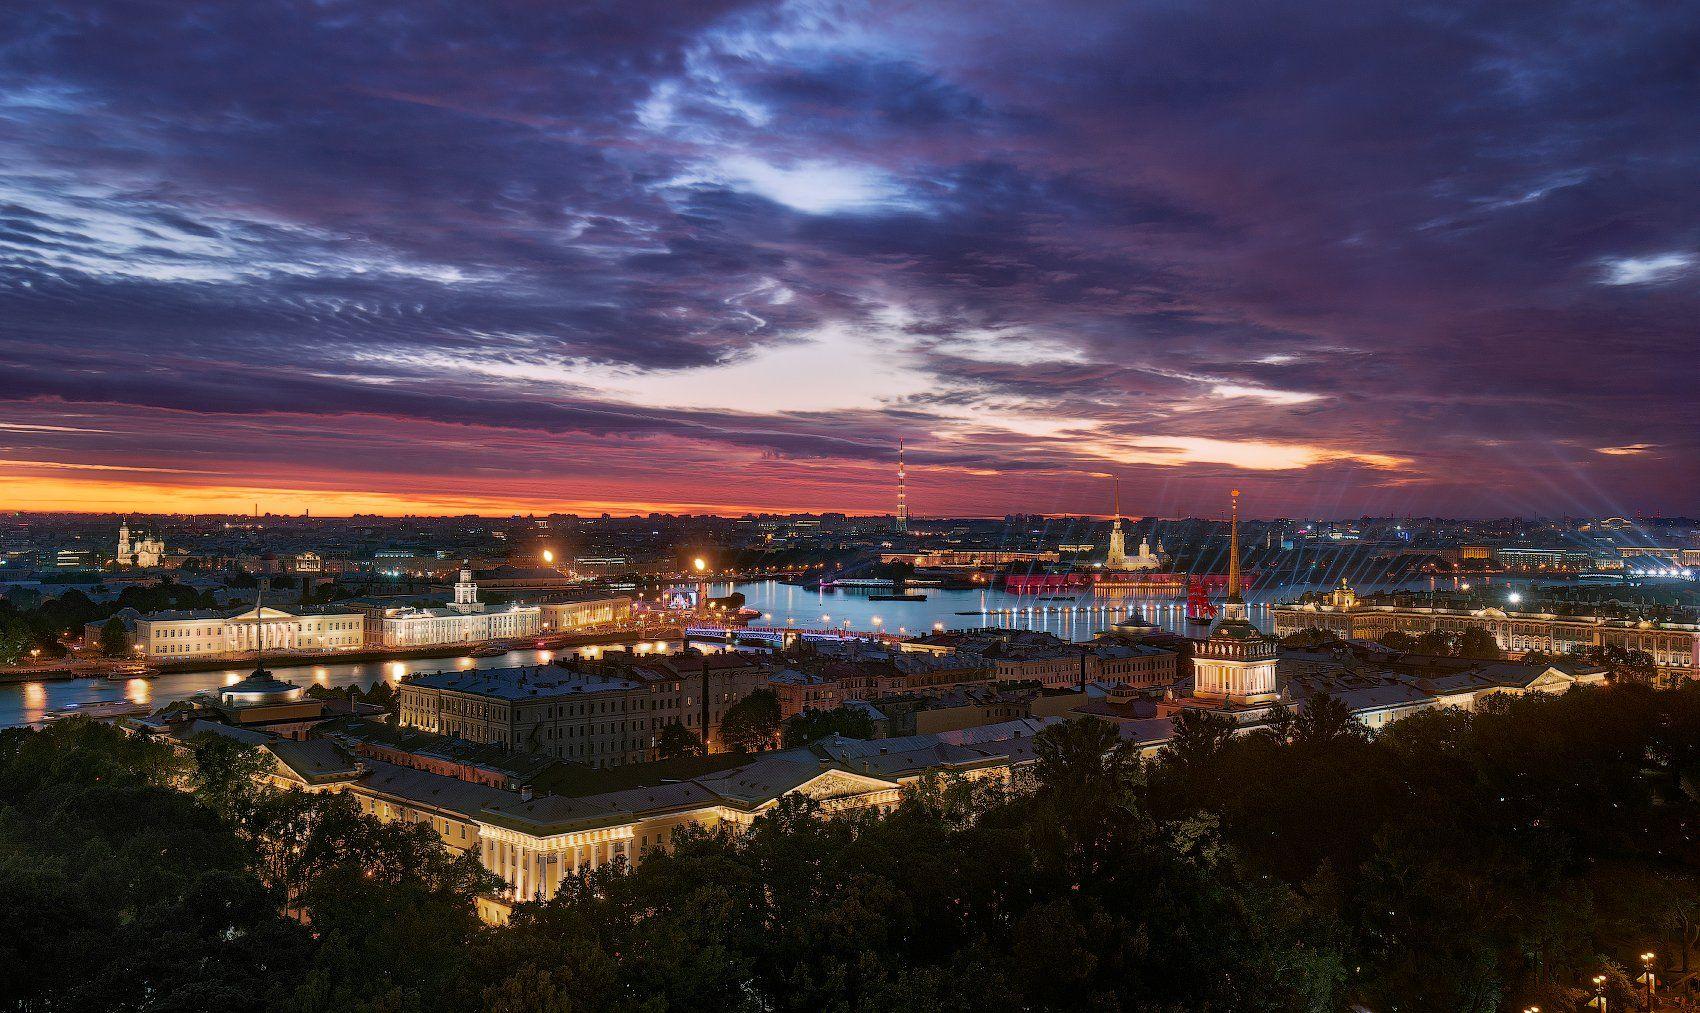 scarlet sails алые паруса санкт-петербург, Sergey Louks